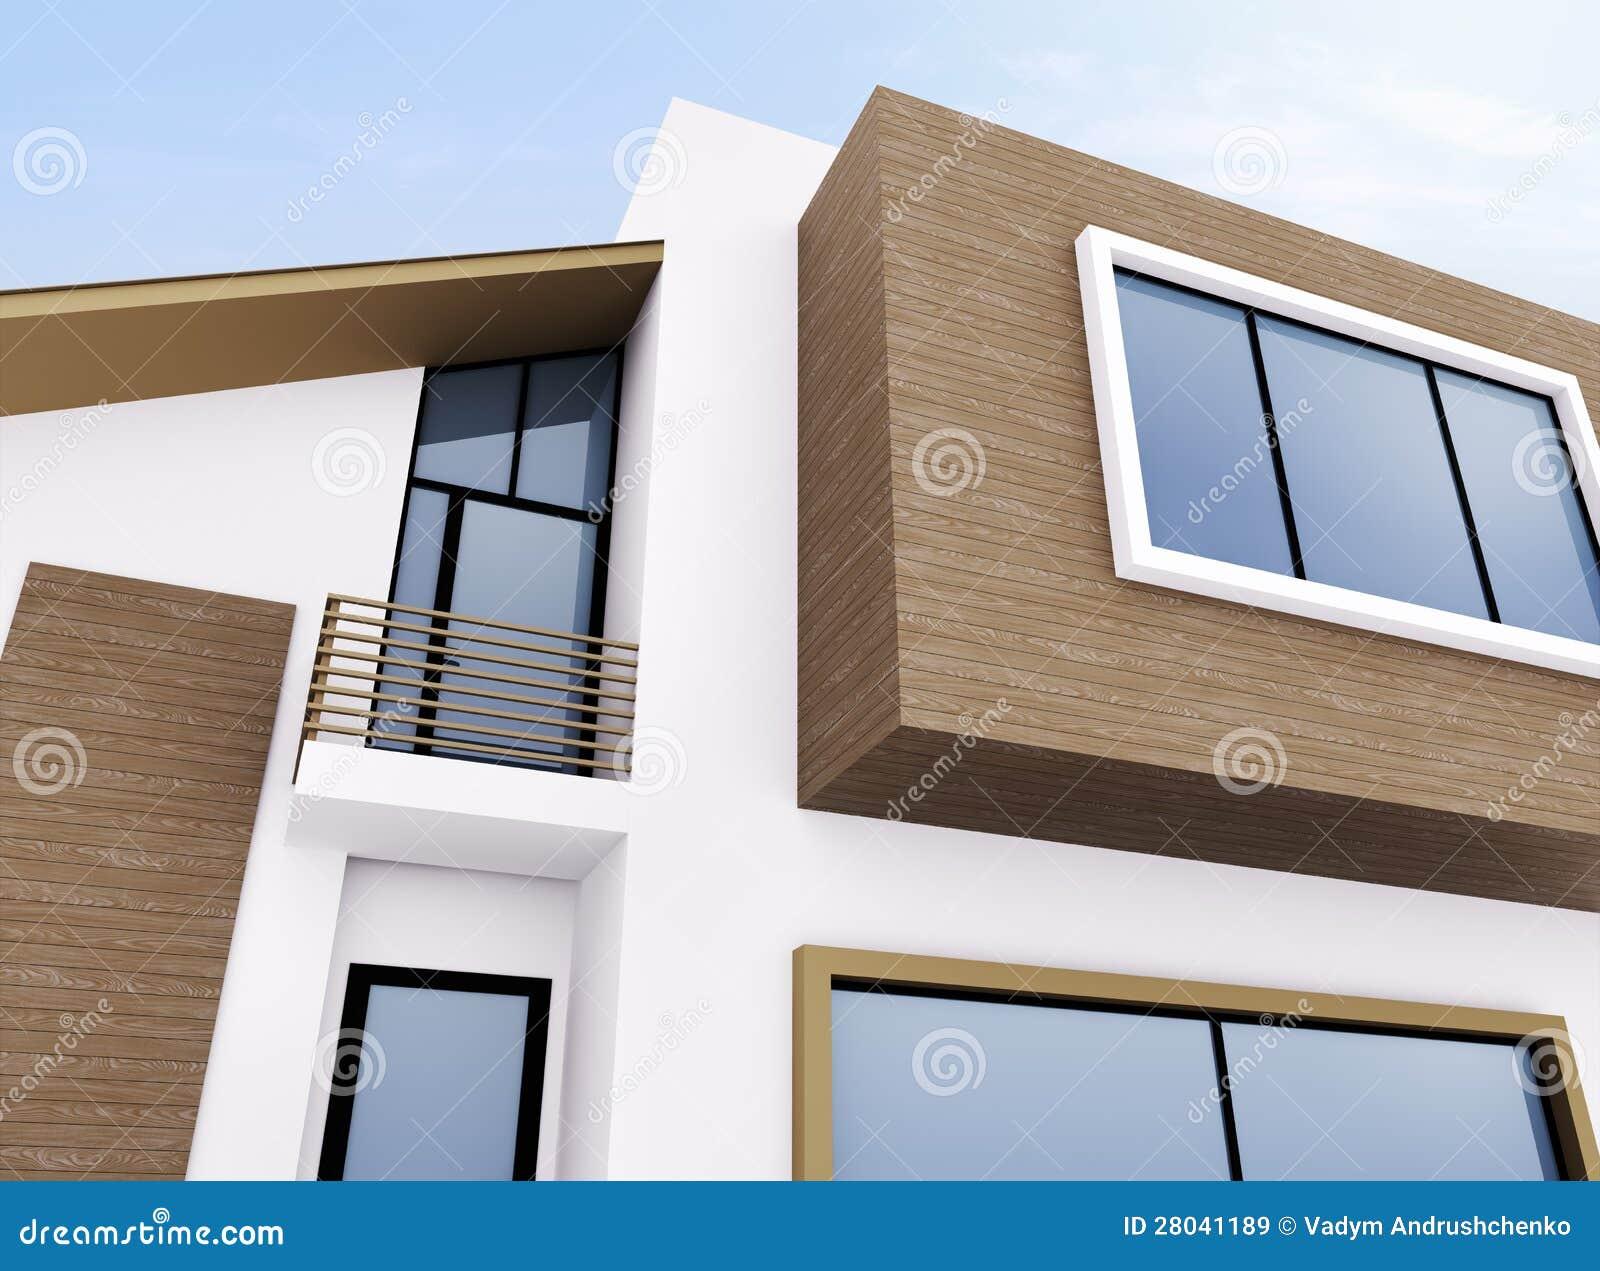 Beautiful colore per esterni case esterna villa moderna - Esterno casa colore ...